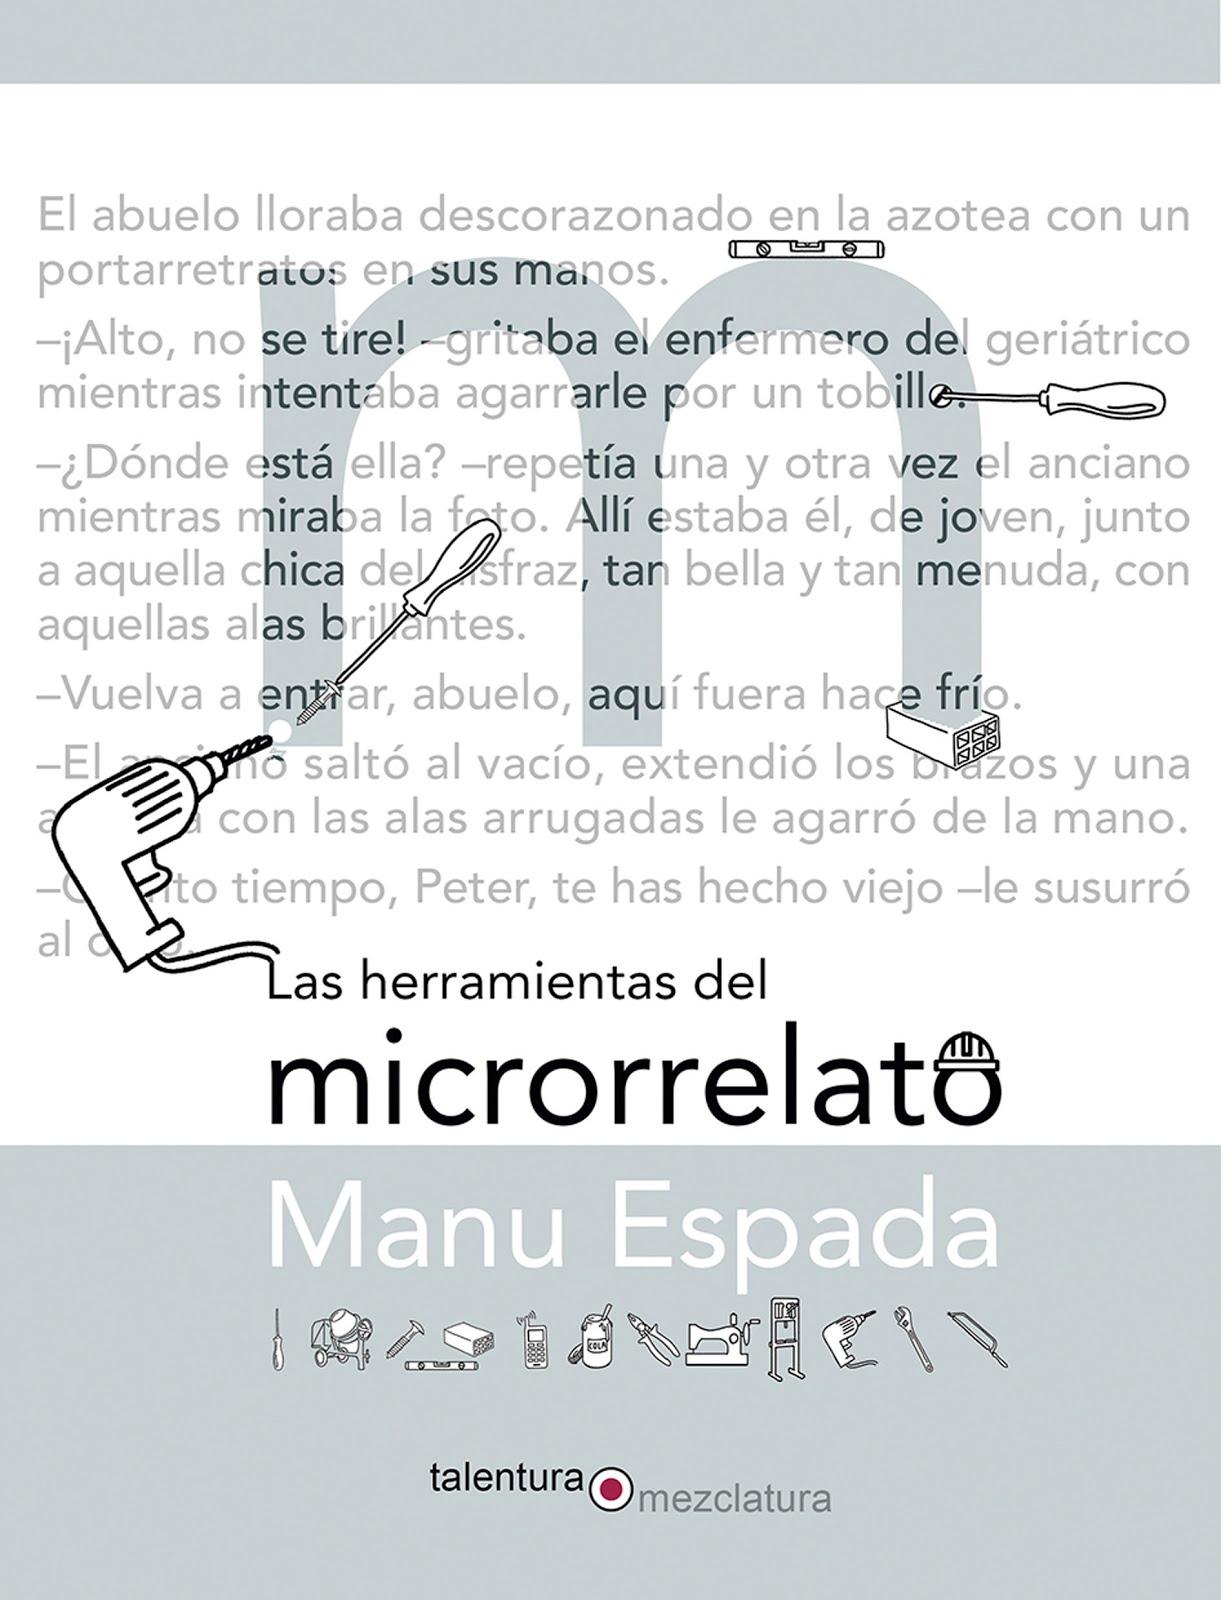 LAS HERRAMIENTAS DEL MICRORRELATO